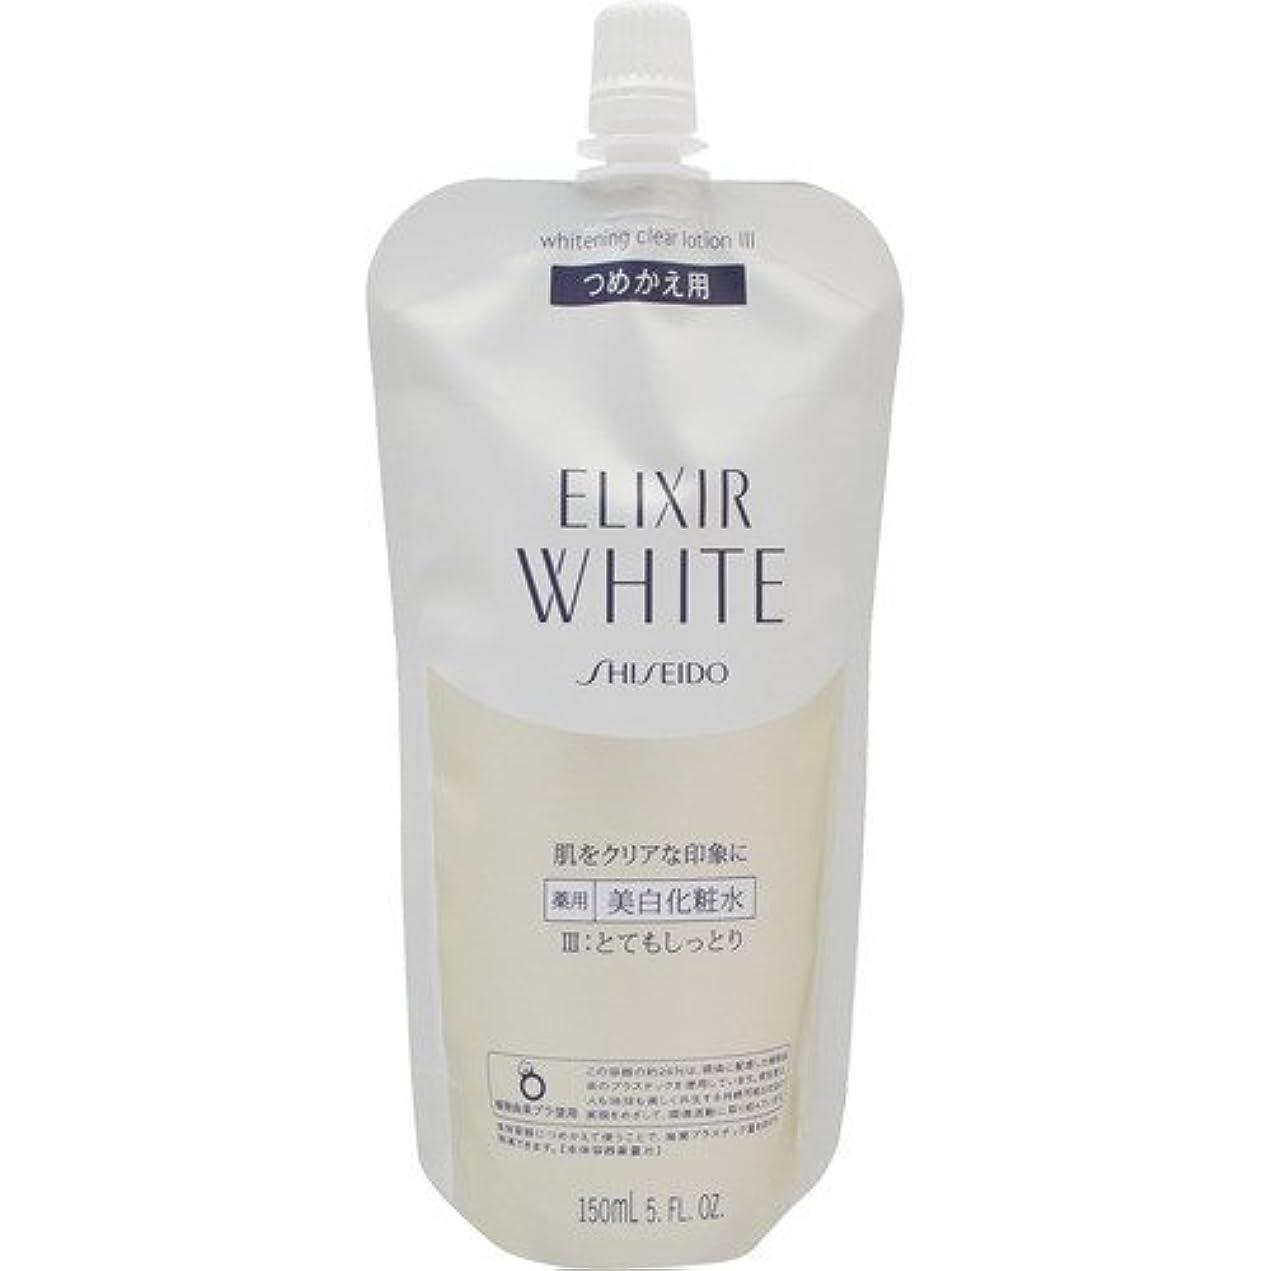 反毒飲み込むタール資生堂 エリクシール ホワイト クリアローション 150mL (詰め替え用) 3